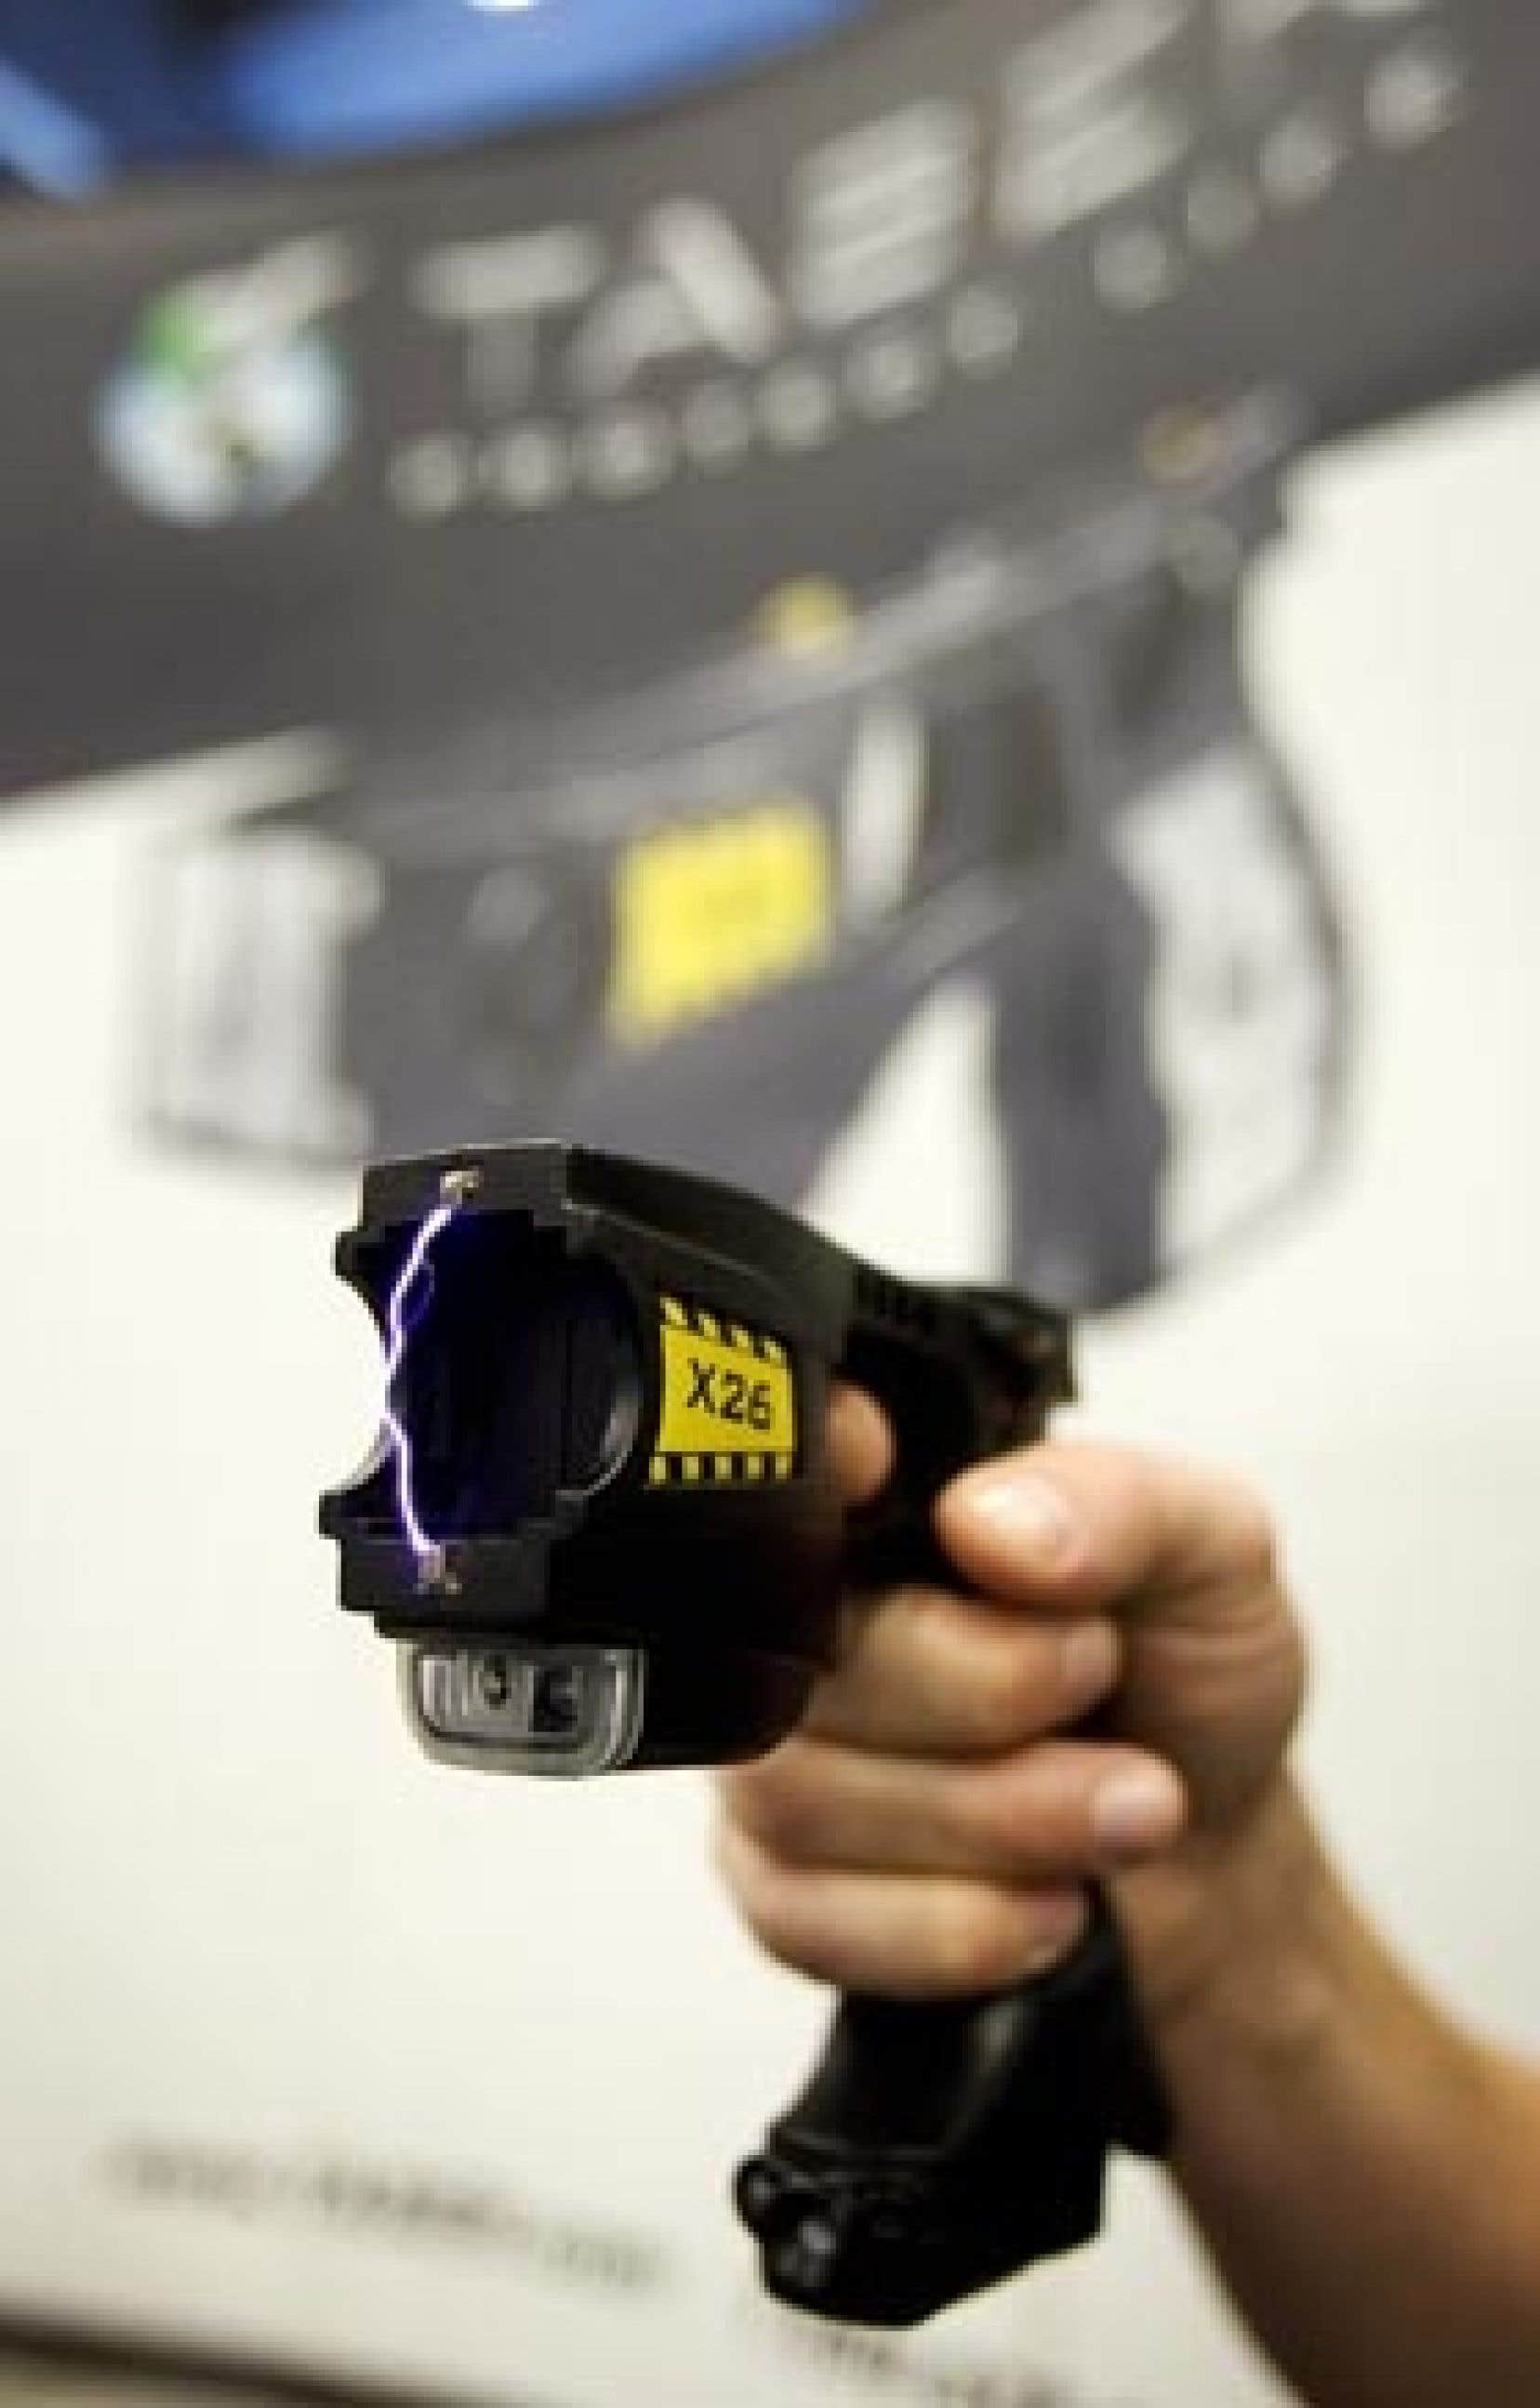 Le pistolet électrique Taser a fait l'objet de démonstrations lors du dernier congrès de l'Association canadienne des chefs de police.